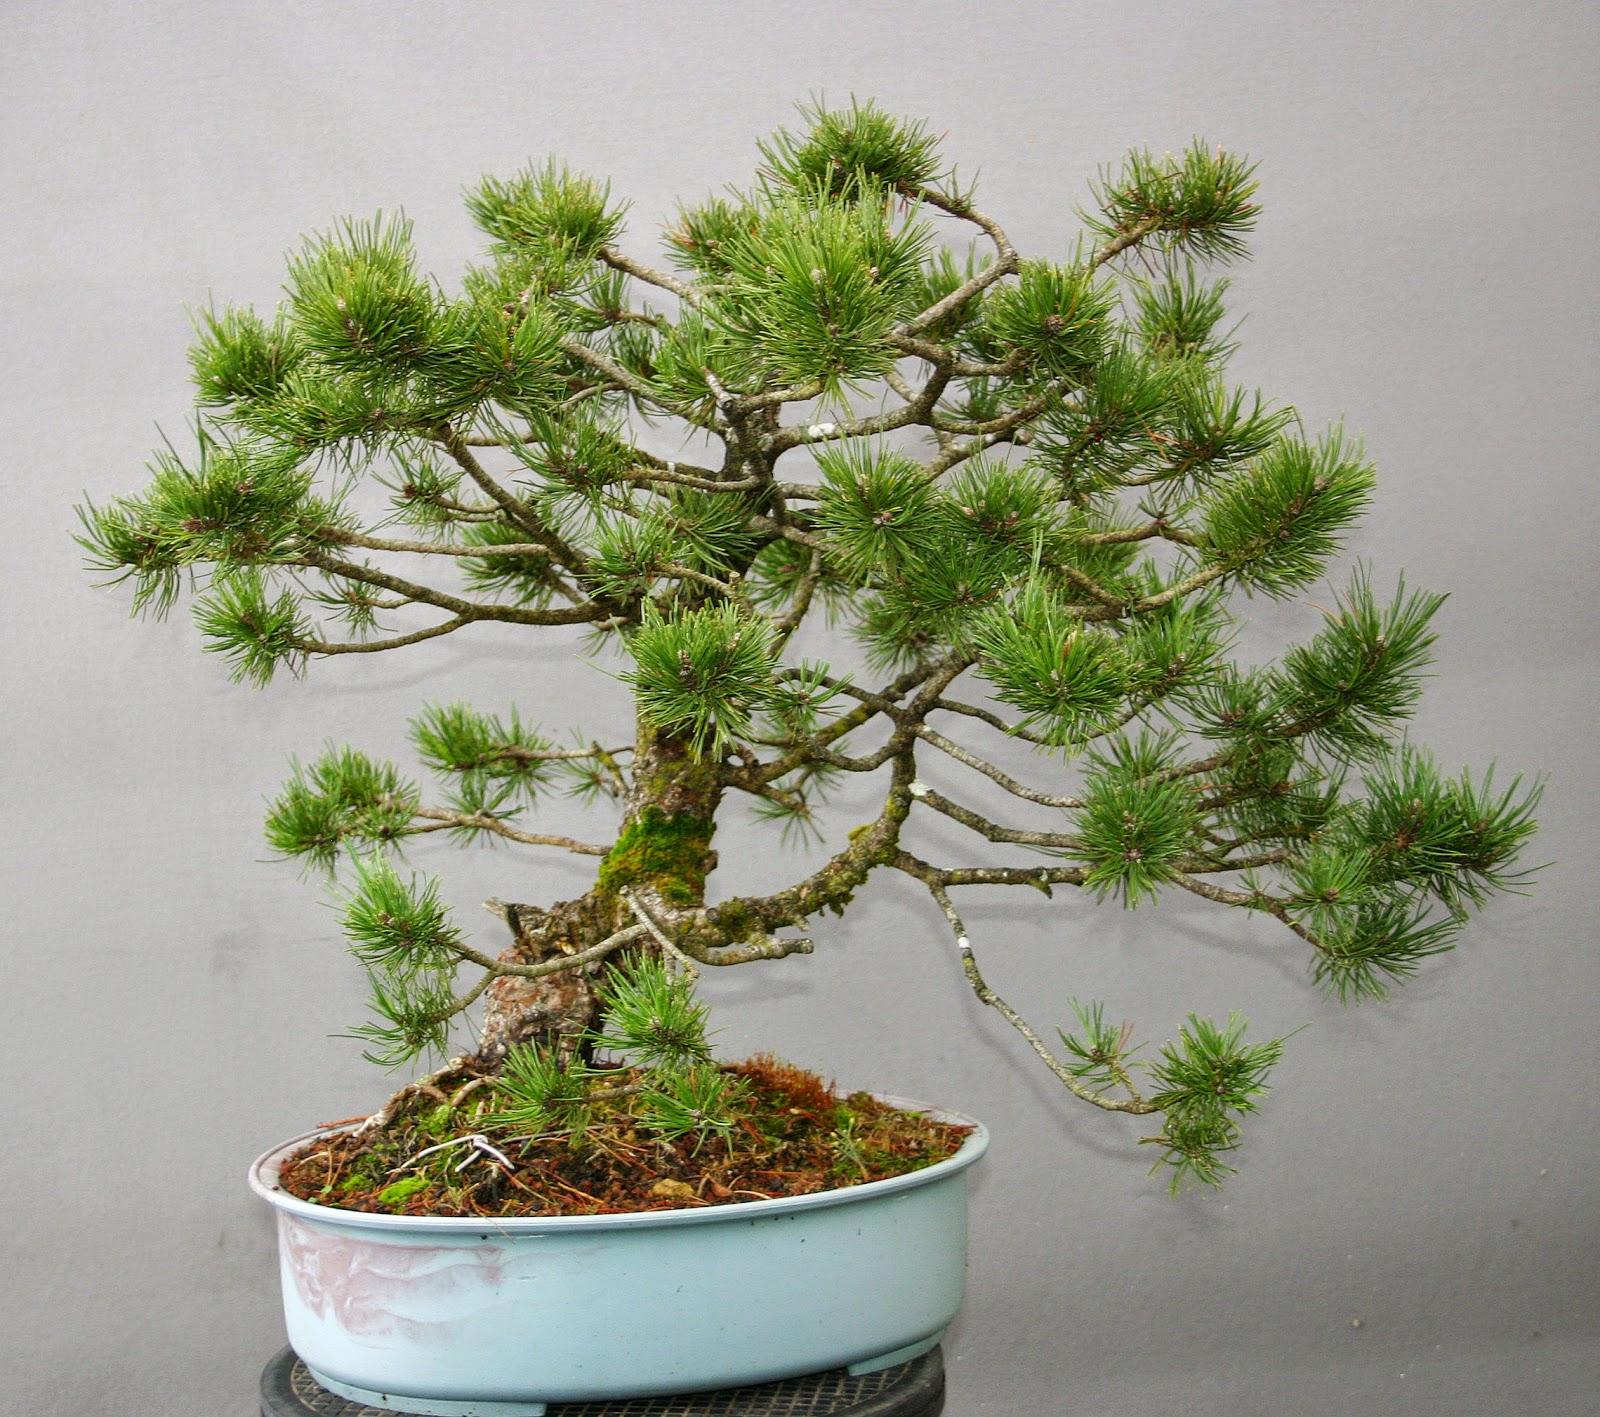 Profession bonsa il reste quelques arbres bonsa yamadori en vente l 39 arbre aux papillons - Bonsai arbre prix ...